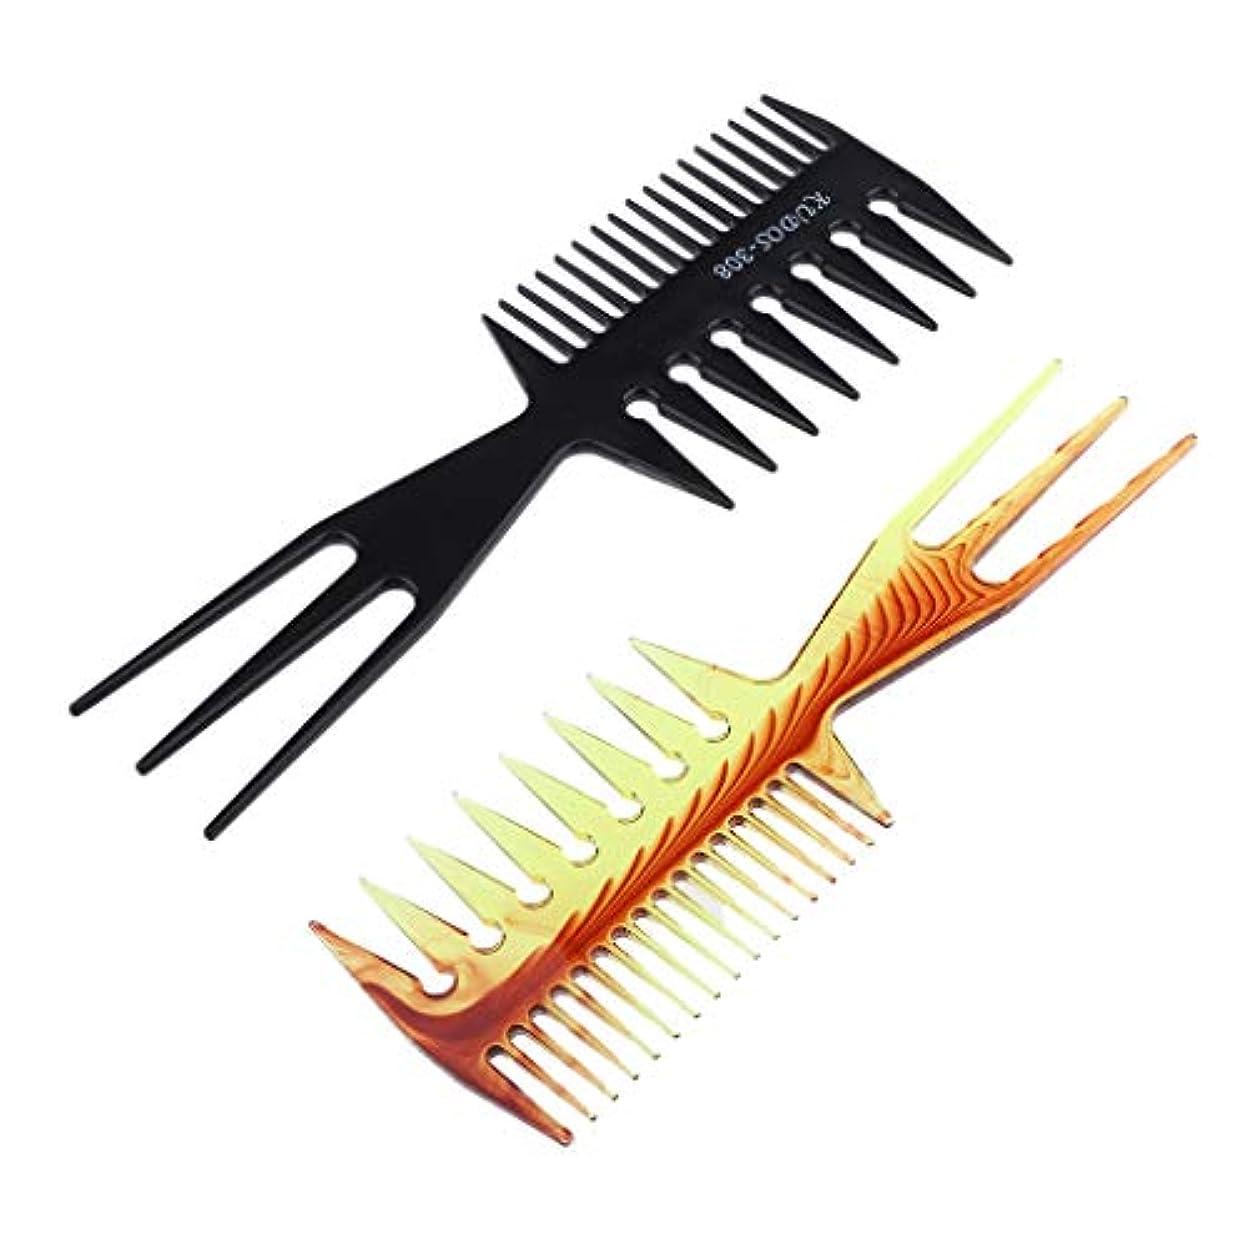 モノグラフリーチまさにDYNWAVE ヘアダイブラシ 毛染めコーム 髪染め用ヘアコーム サロン 美髪師用 DIY髪染め用 2個セット